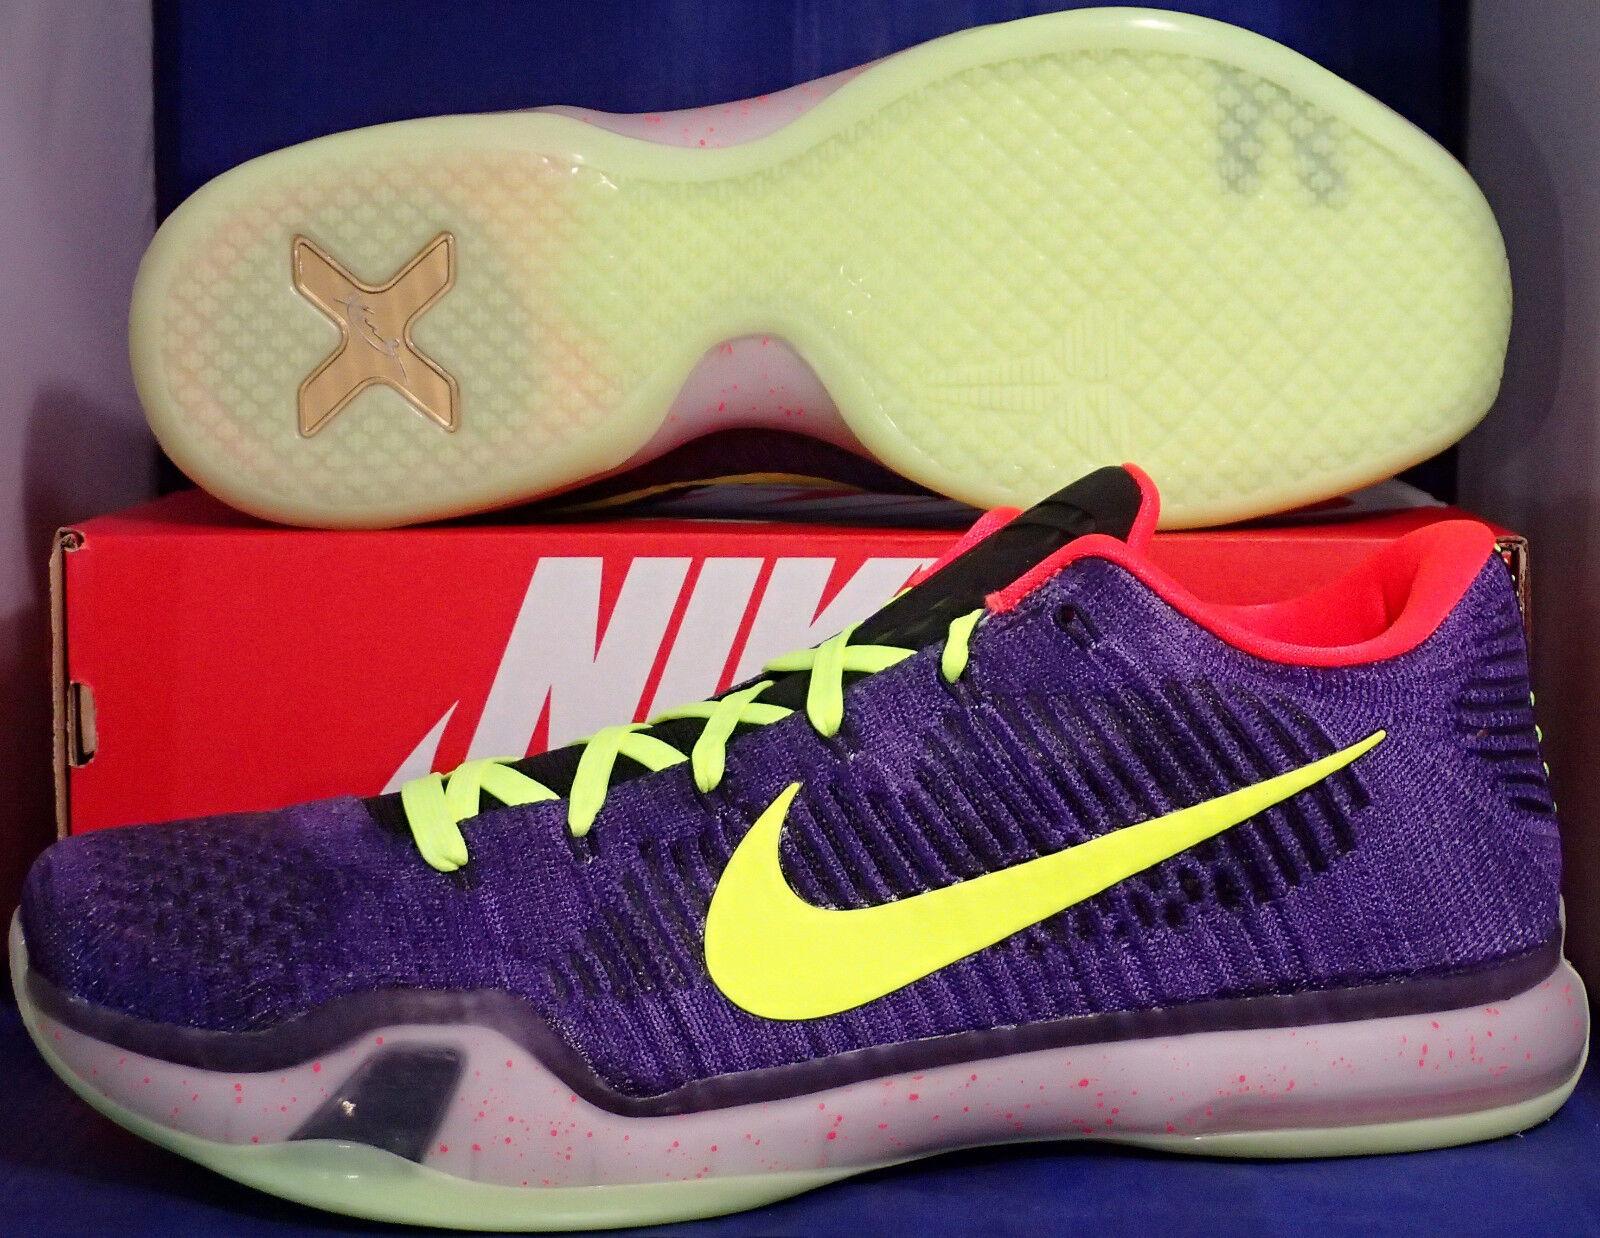 Nike Kobe X X X 10 Elite bajo Flyknit Id Tribunal púrpura voltios (802817-991) f54f8e